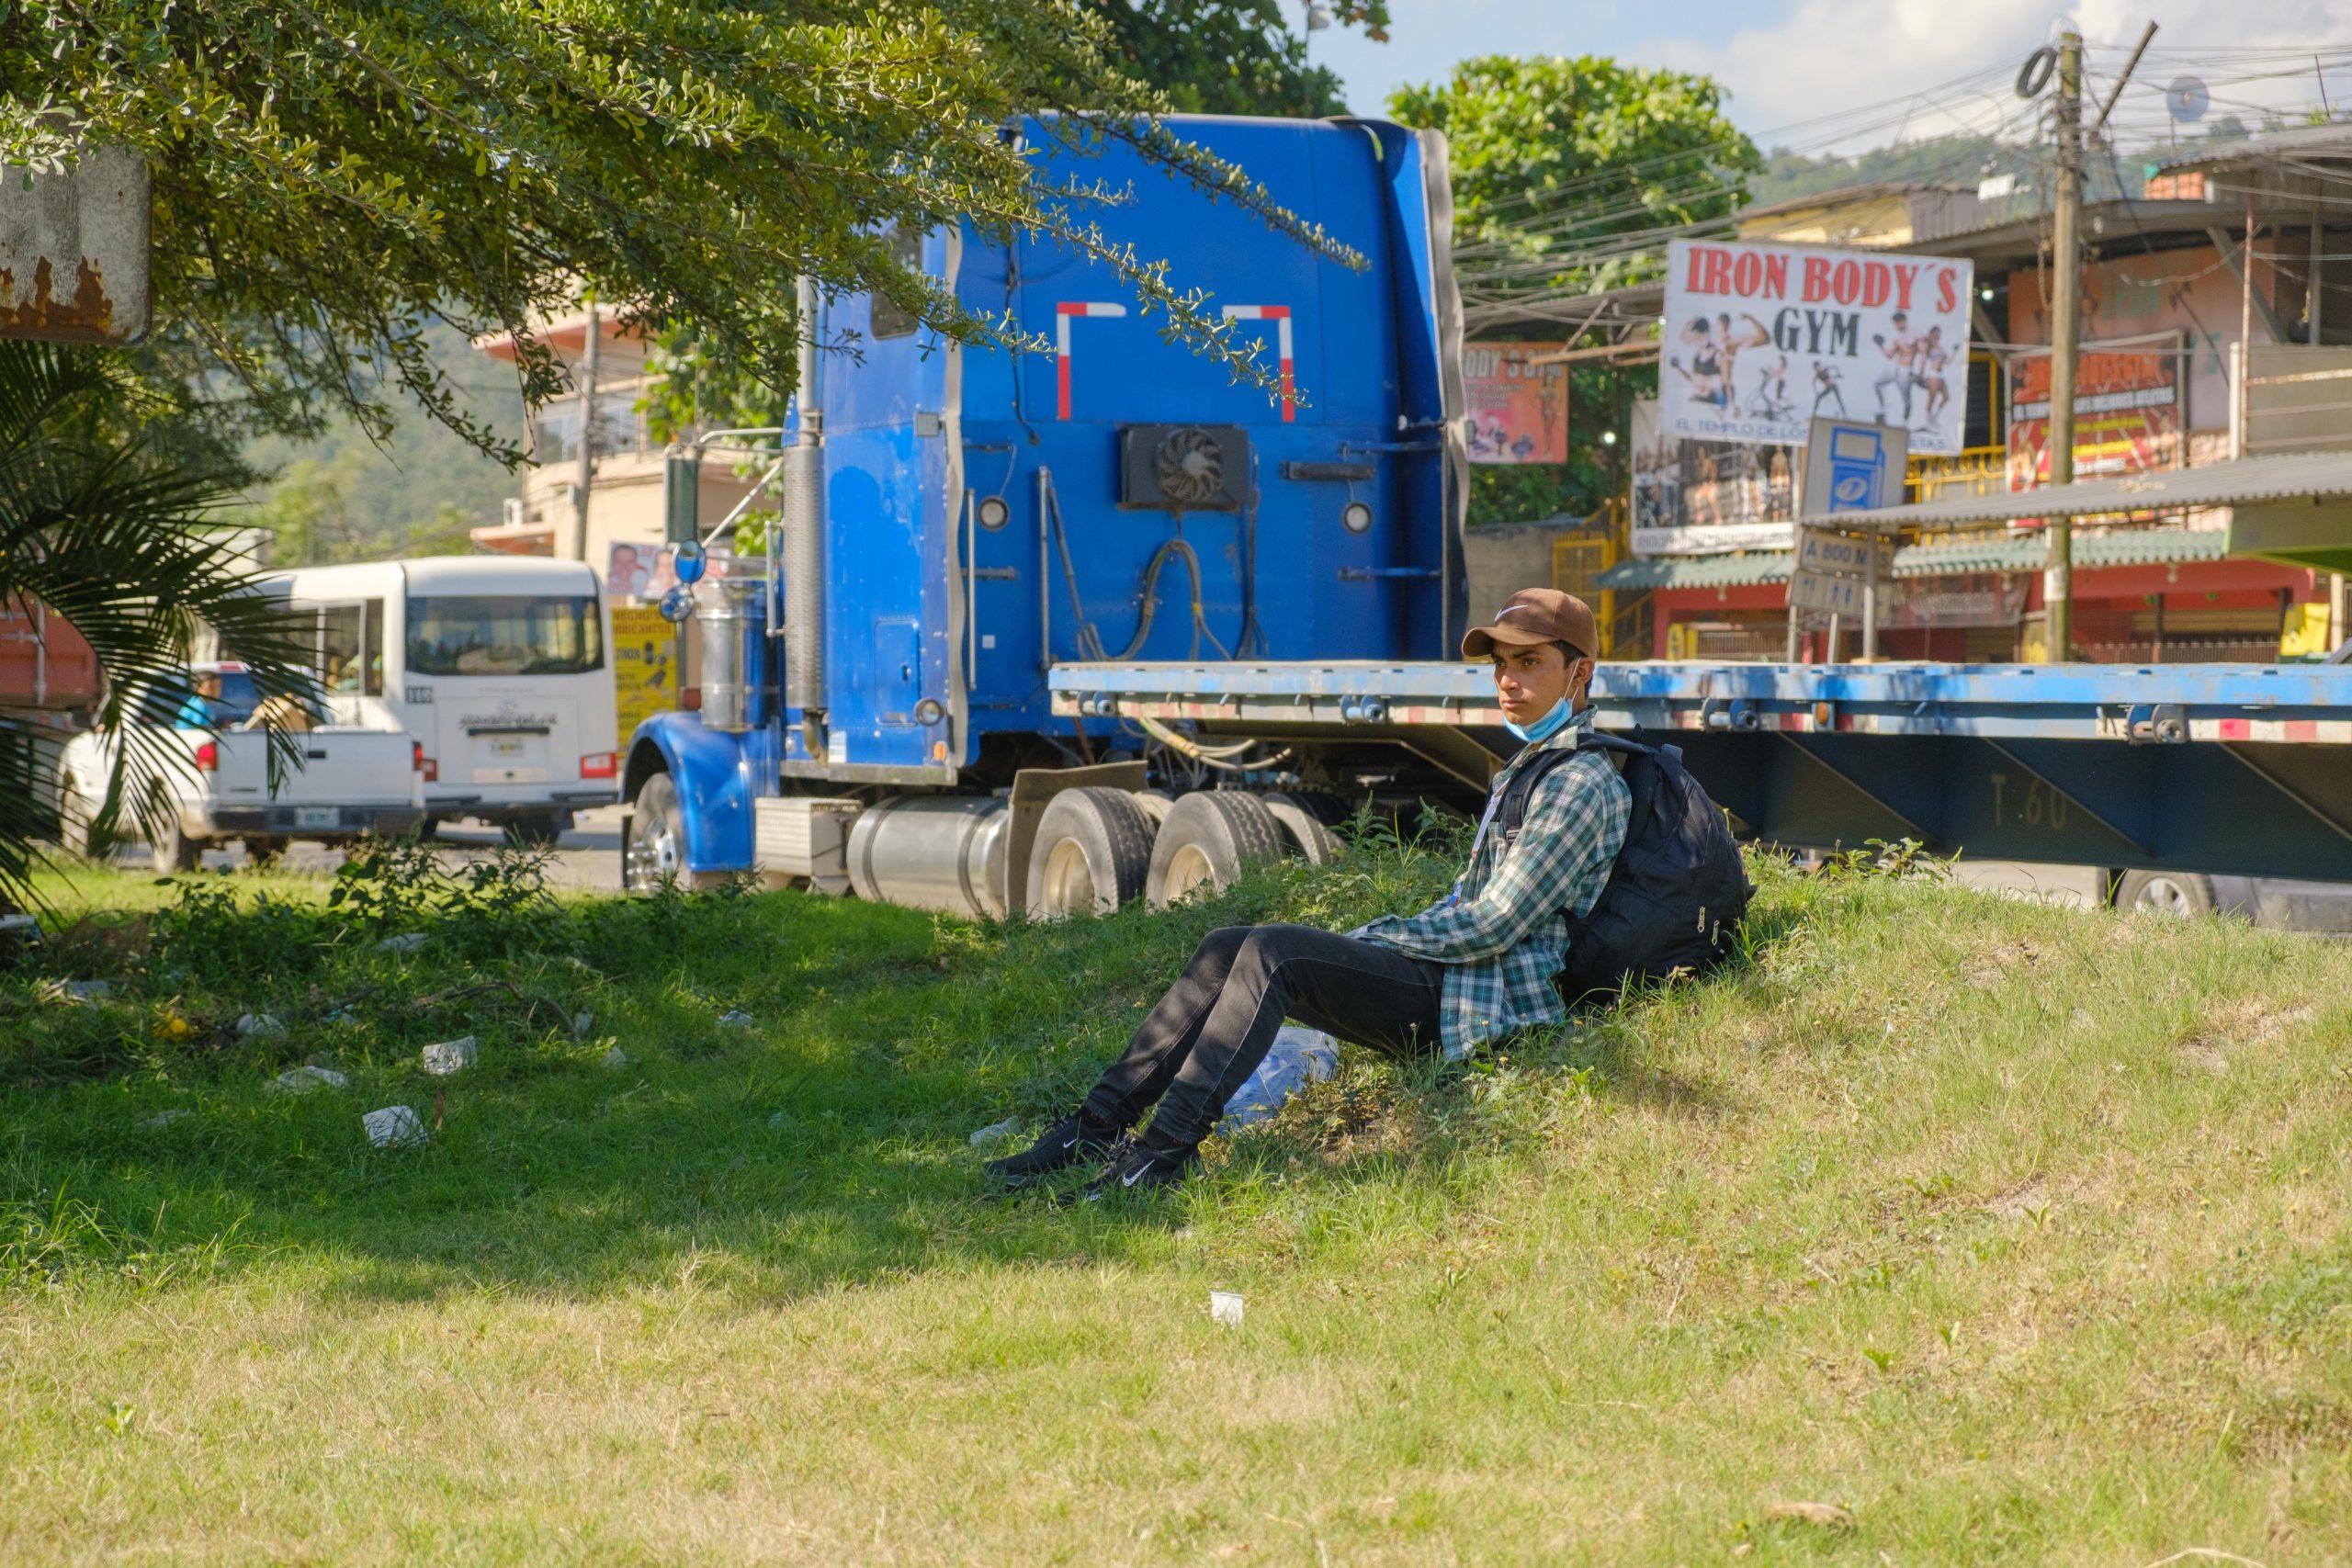 Un jóven migrante descansa después de caminar varios kilómetros en su travesía en busca del sueño americano.